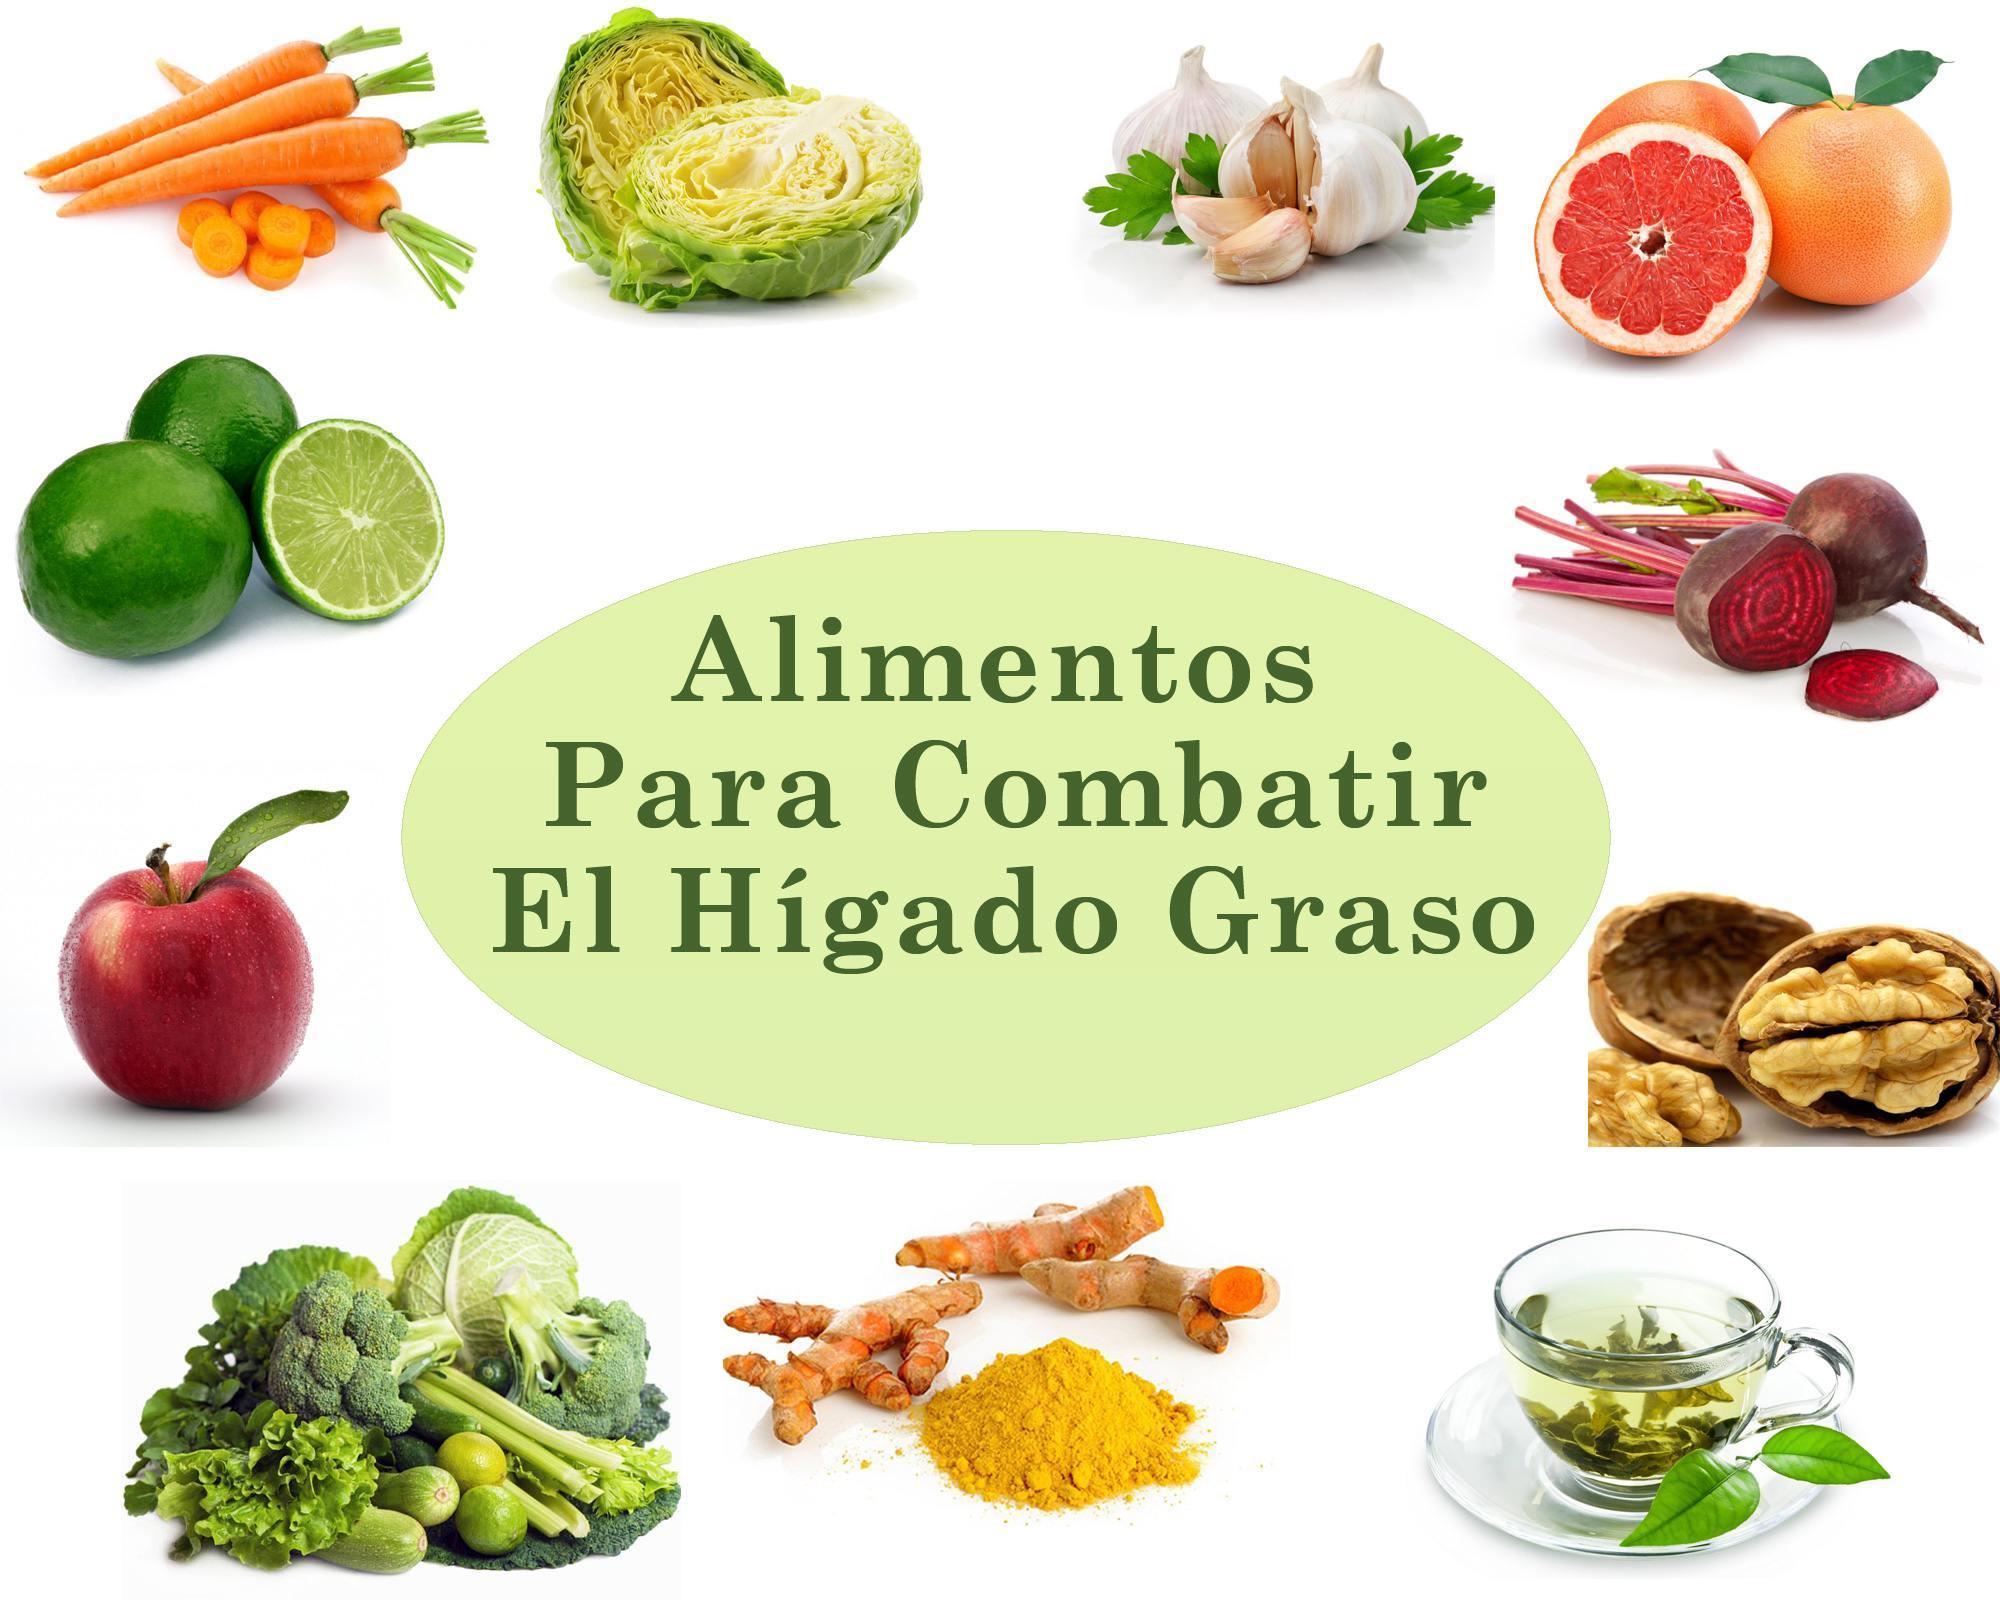 Eliminar grasa abdominal en una semana image 10